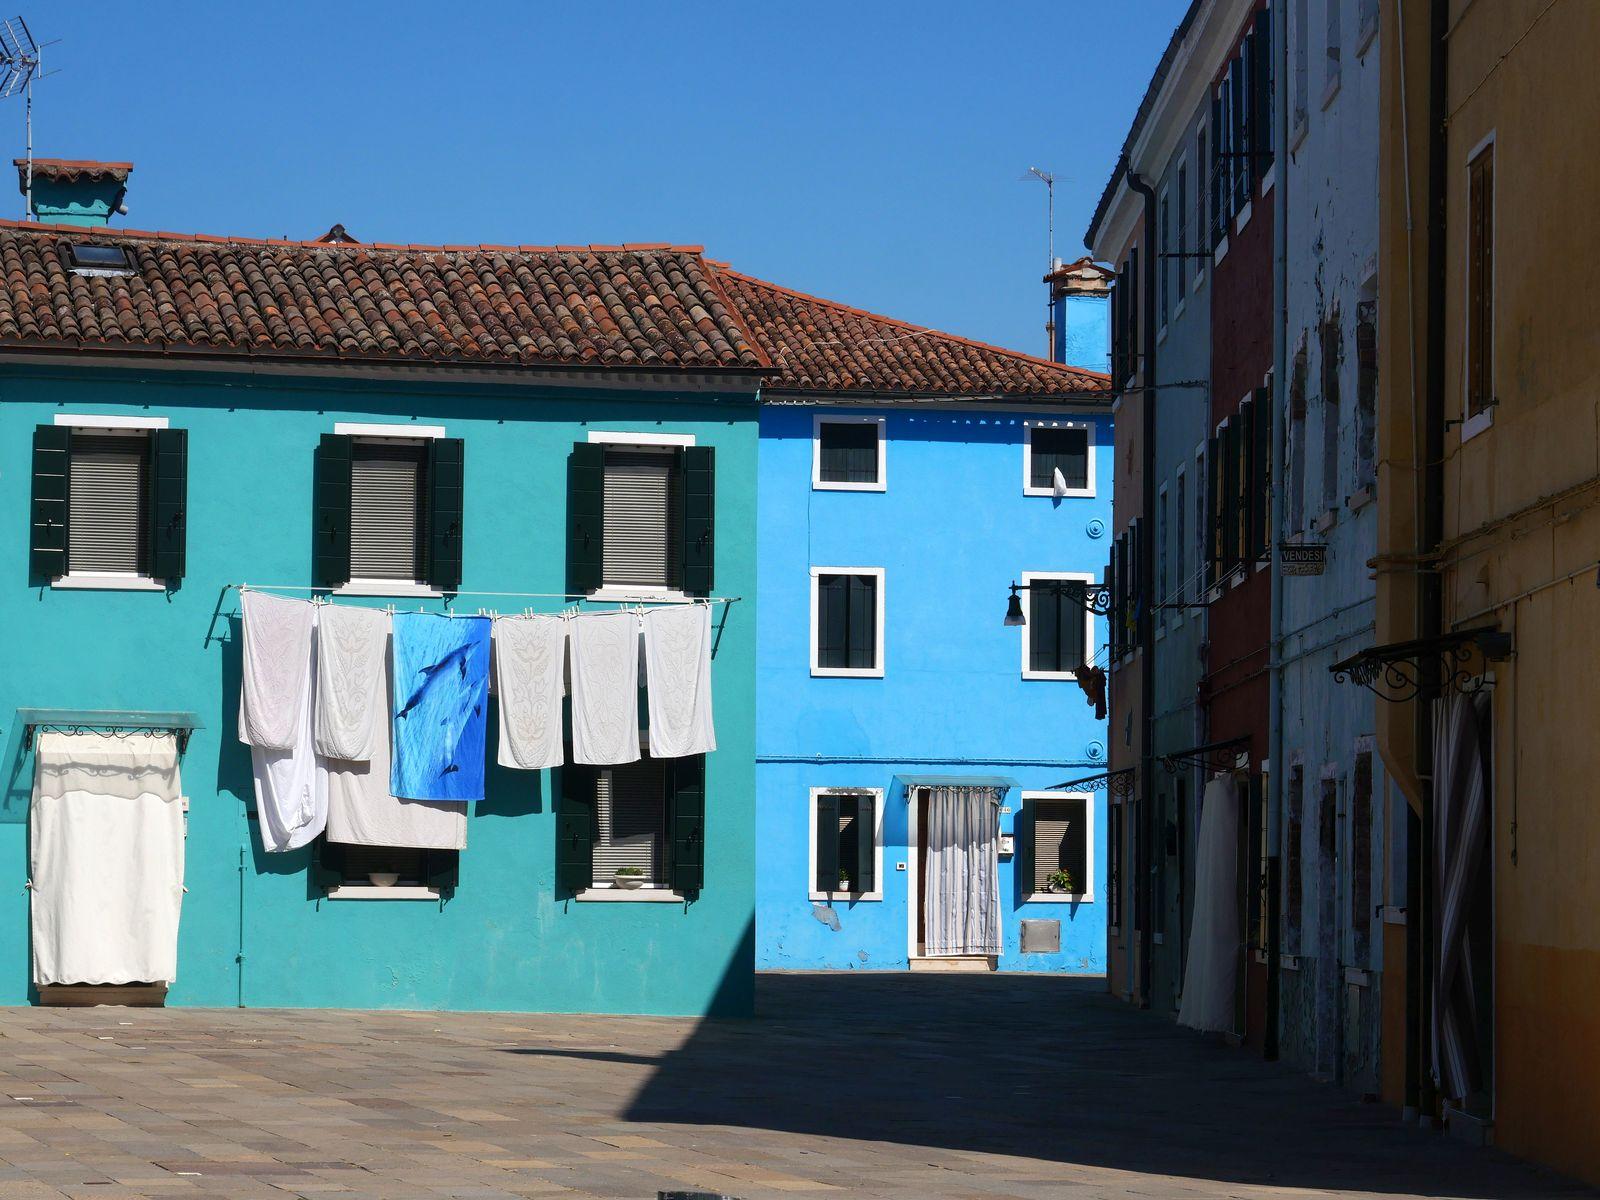 7 raisons de visiter Burano - ses maisons colorées.jpg